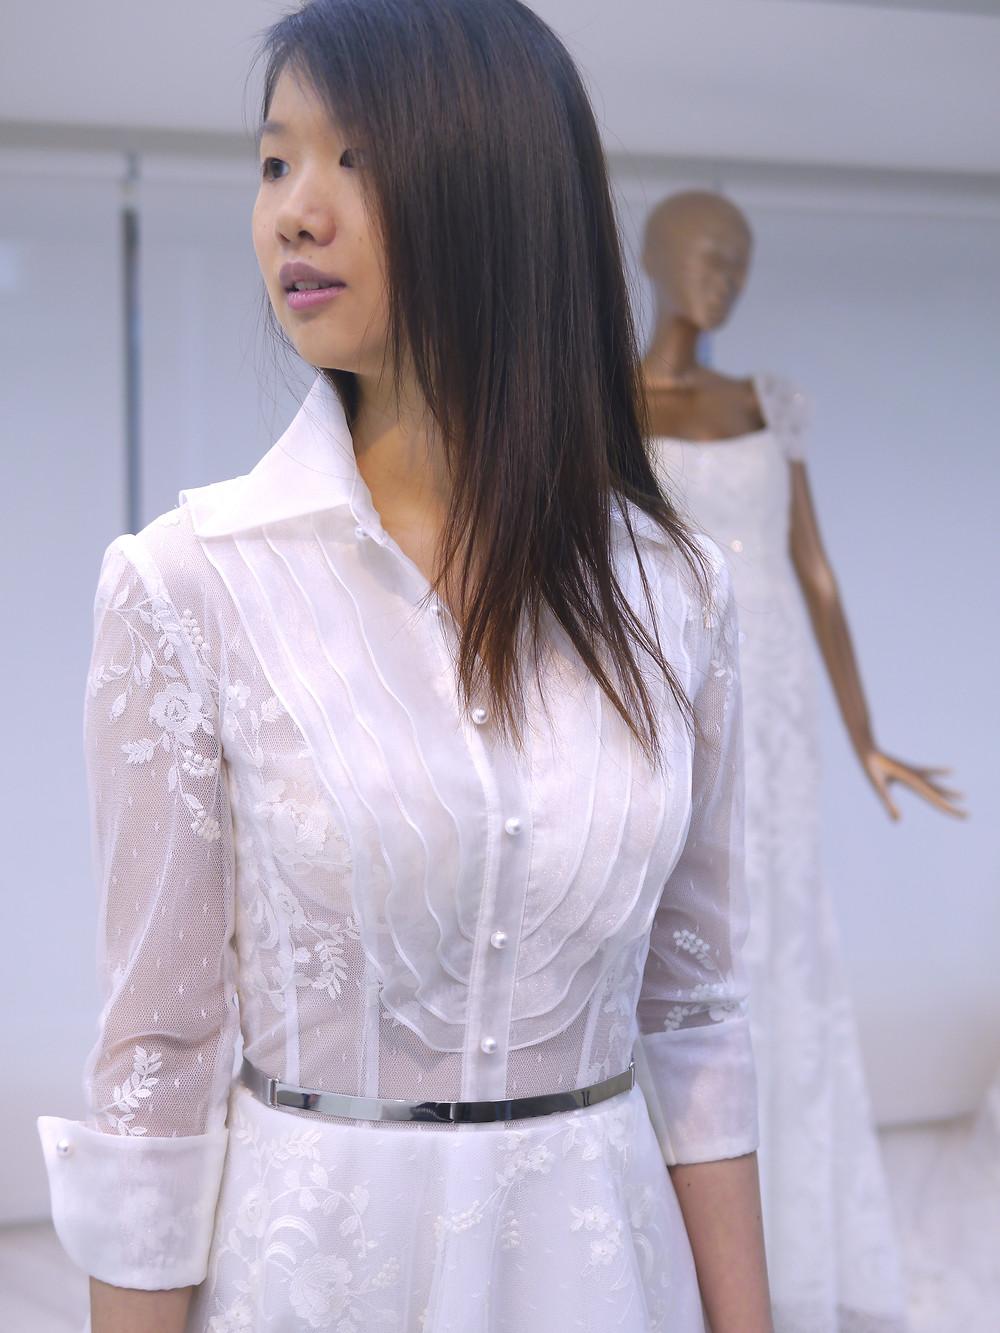 #8分袖 #襯衫領設計 #蕾絲款長拖白紗